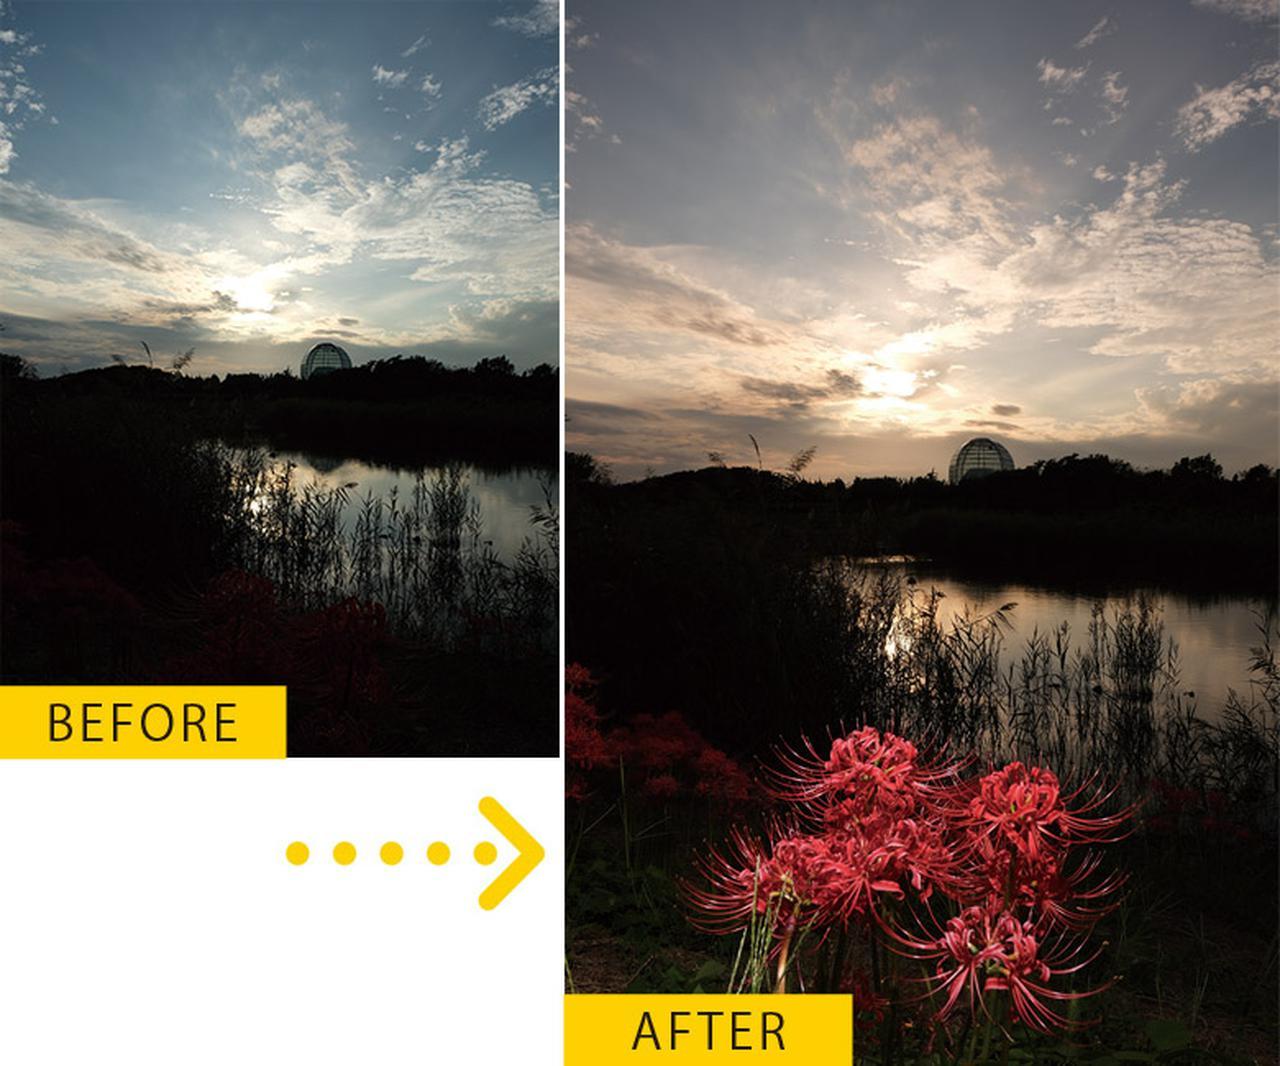 画像: ホワイトバランスを「曇り」に設定すると、夕焼けらしい色合いの写真になった。ストロボで浮かび上がらせたヒガンバナも、その赤みが強調されている。